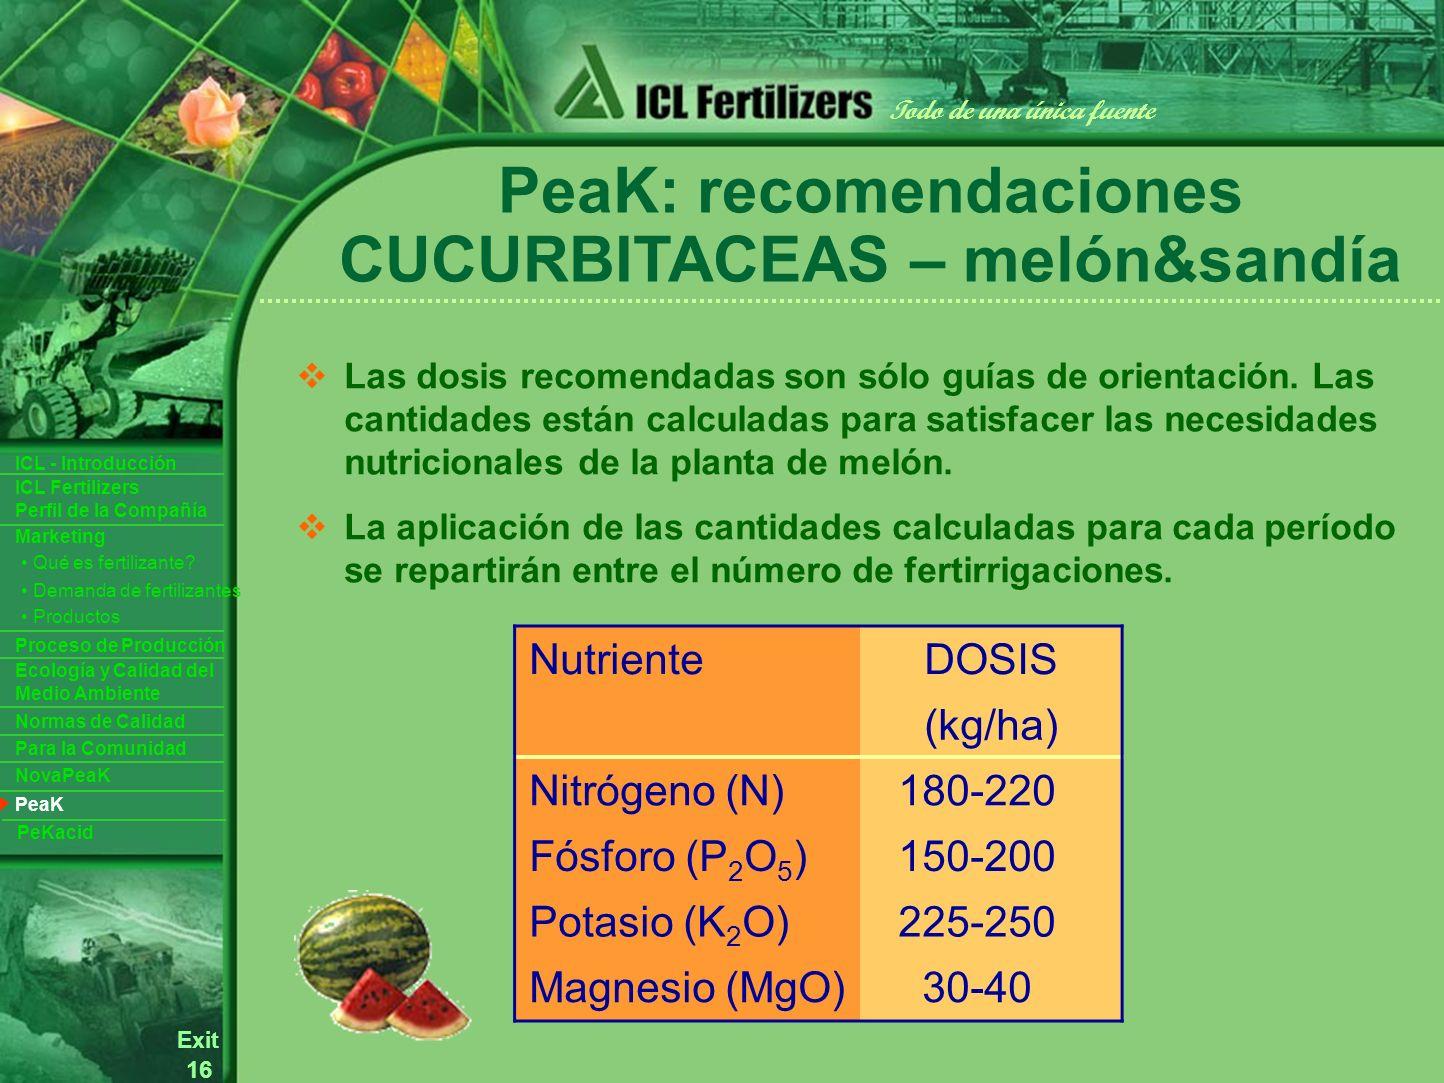 16 Exit Todo de una única fuente ICL Fertilizers Perfil de la Compañía ICL - Introducción Productos Para la Comunidad Ecología y Calidad del Medio Ambiente Normas de Calidad Marketing Proceso de Producción Demanda de fertilizantes Qué es fertilizante.